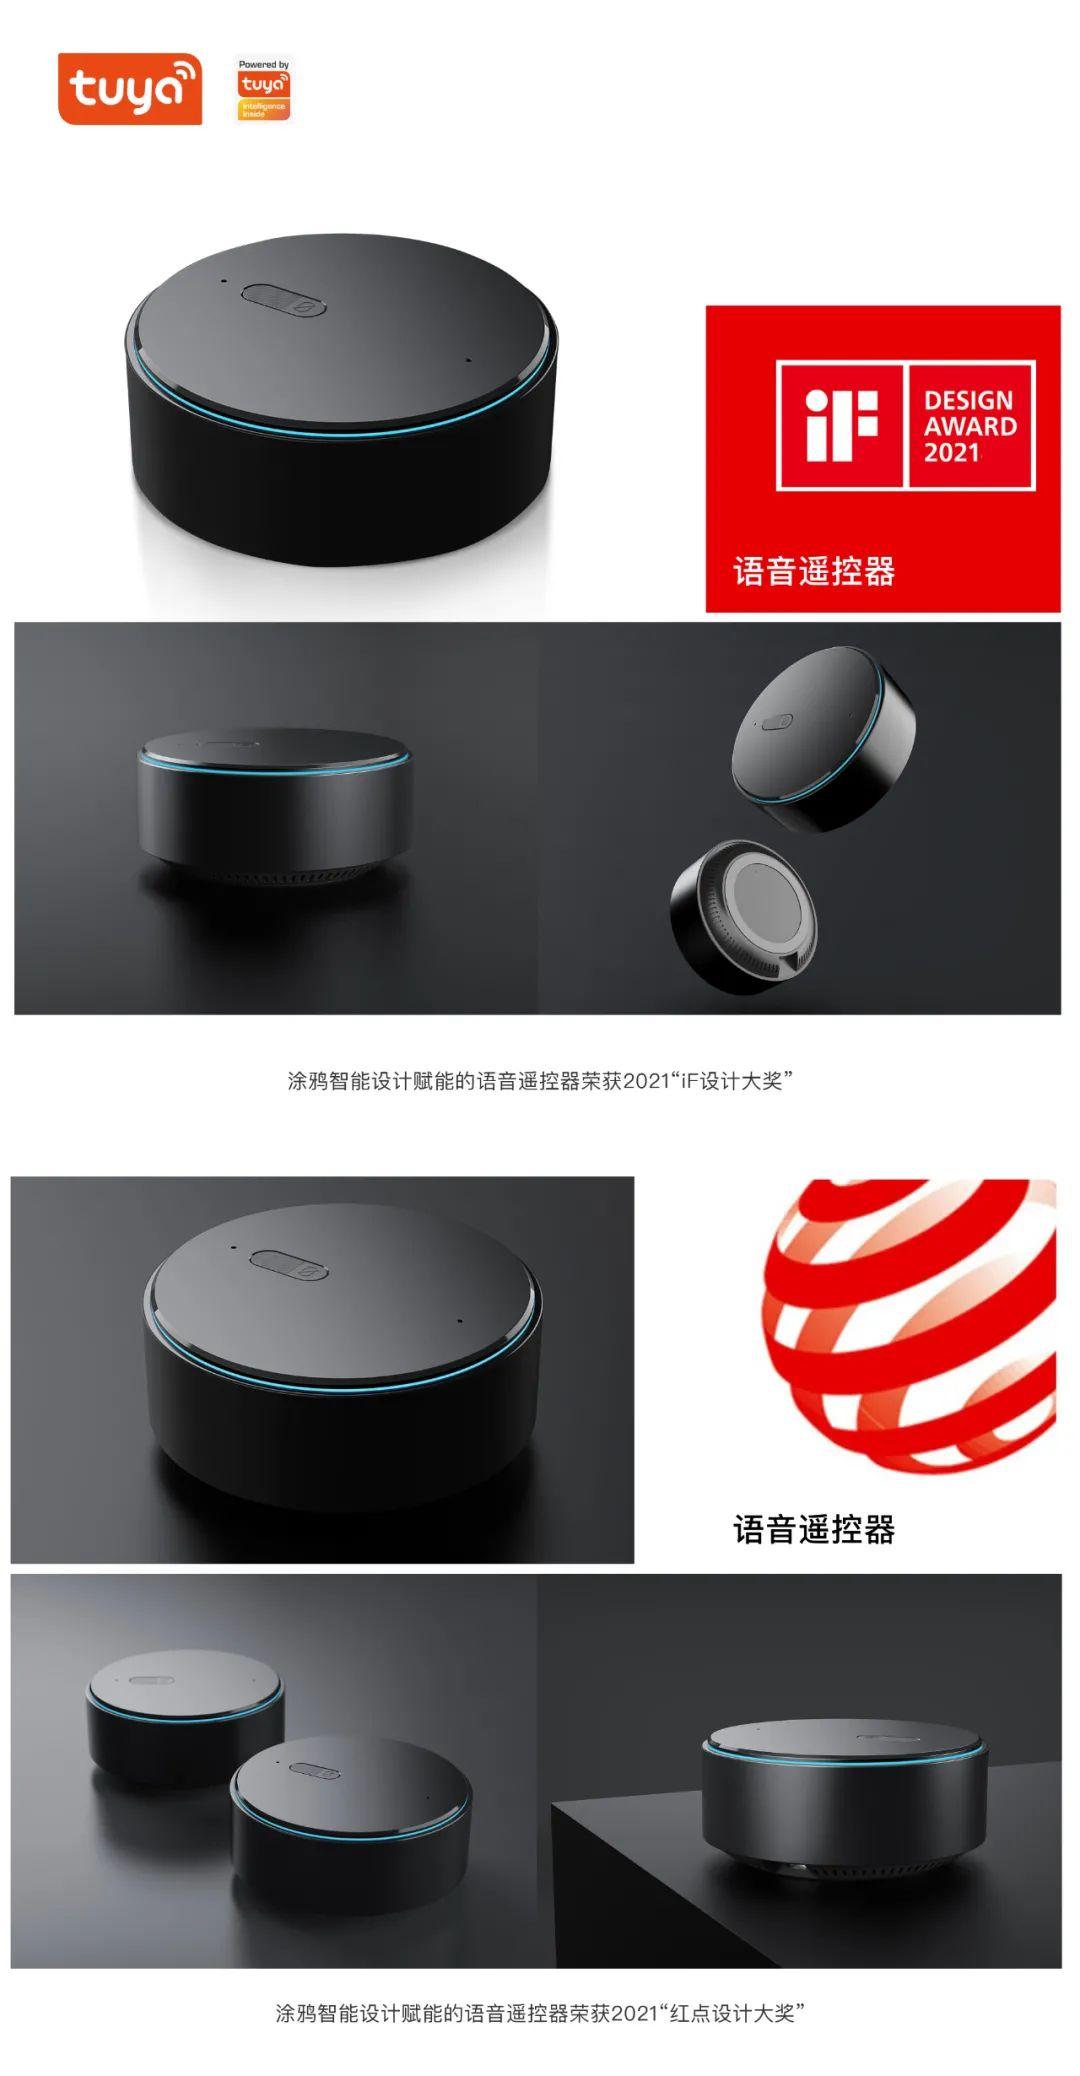 万亿IoT蓝海,没有好设计,你的消费者买单吗?  EINK eink 川奇光电 元太科技 涂鸦智能 全球智能商业 物联网IoT 第4张